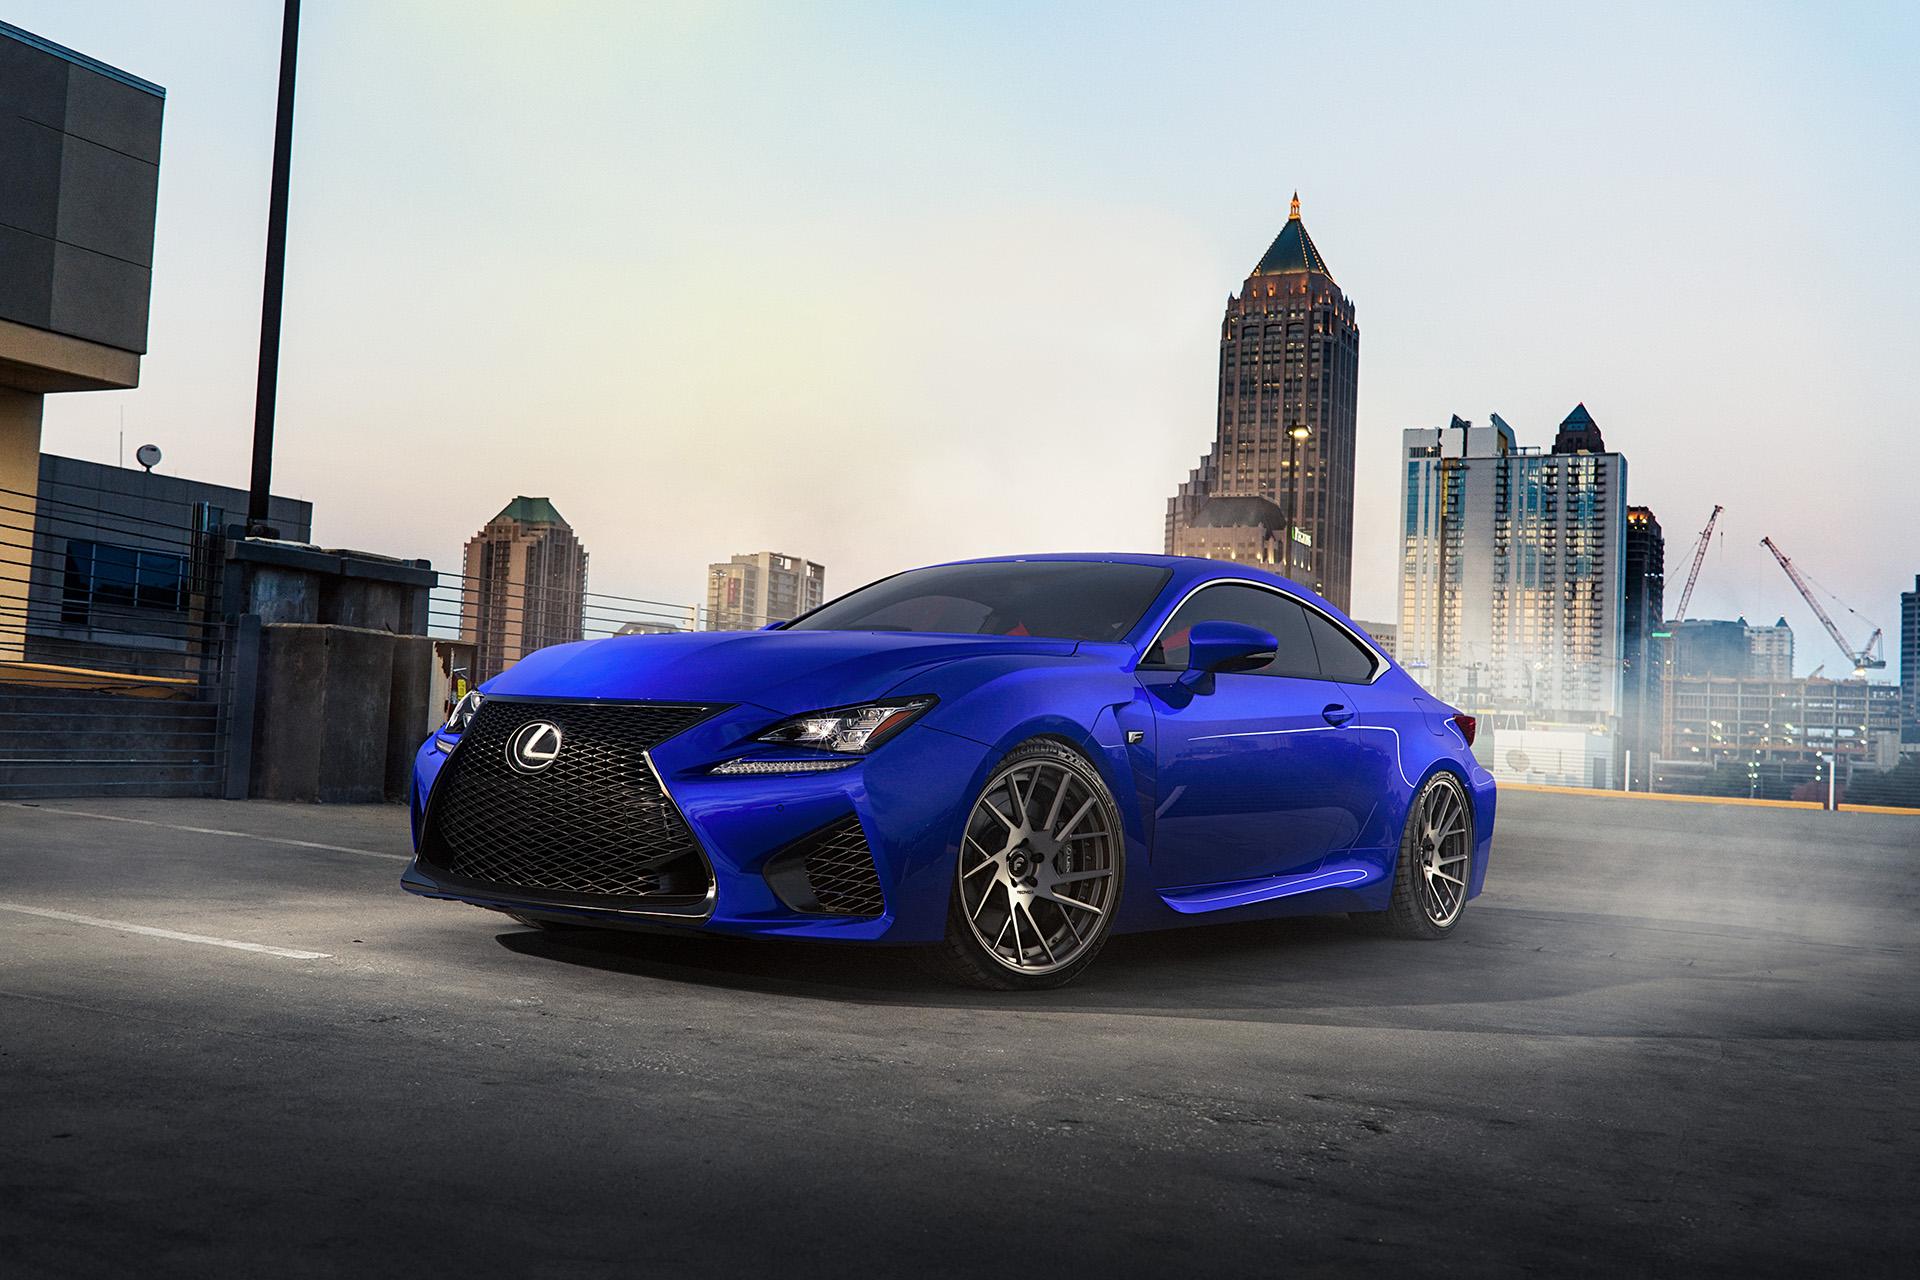 photos car rc race trends tech specs digital details lexus feature cars f